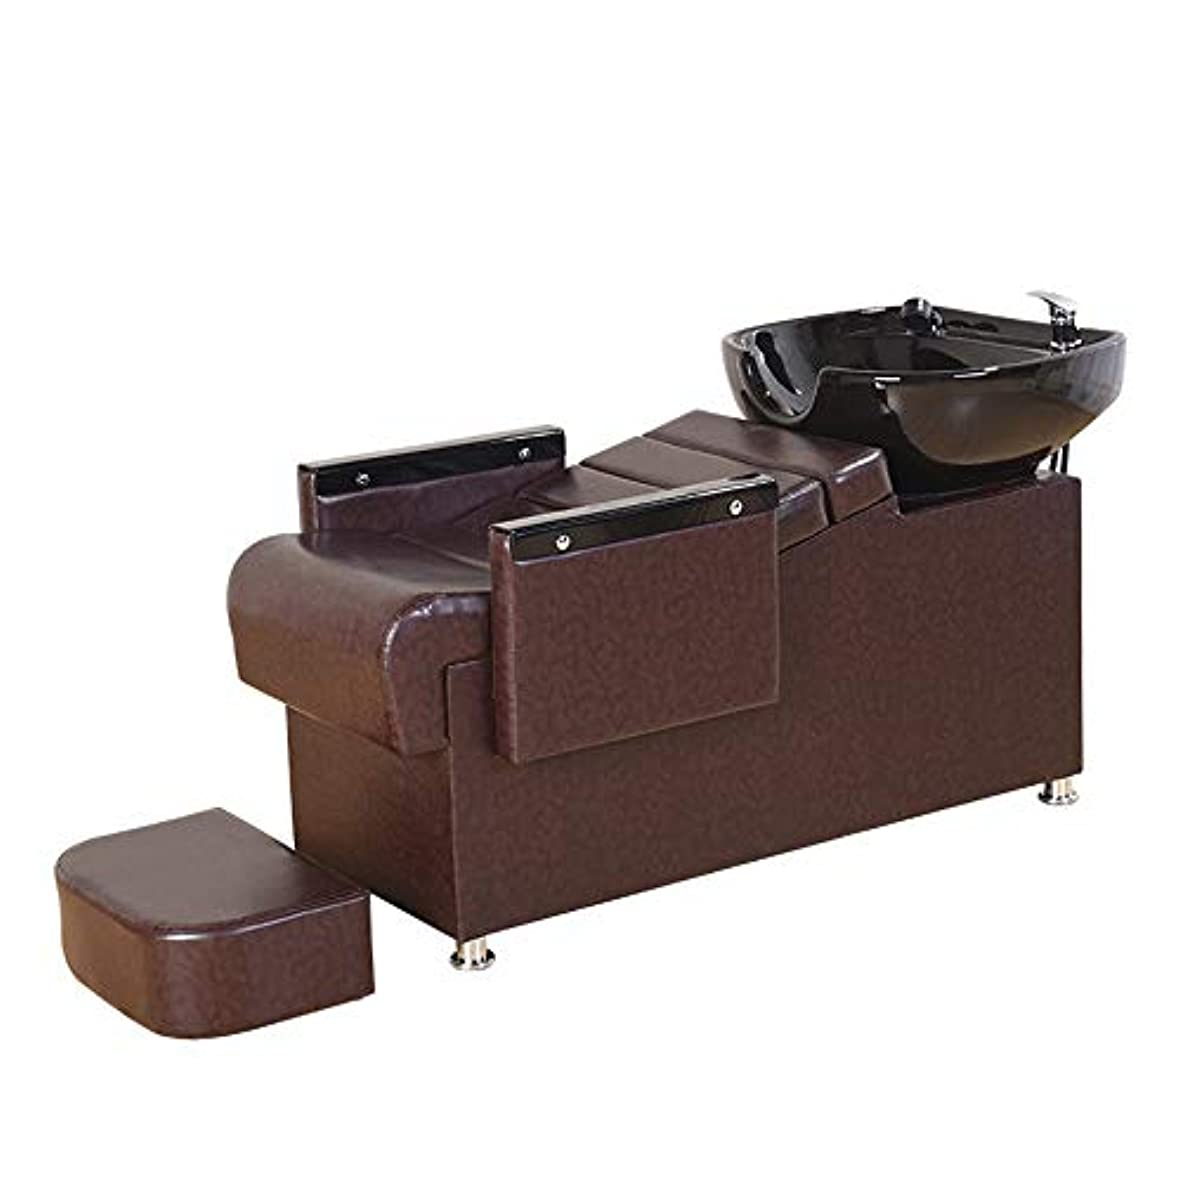 後者異常ペットシャンプー椅子、逆洗ユニットシャンプーボウル理髪店フラッシングベッド美容院シンク椅子用スパ美容院機器